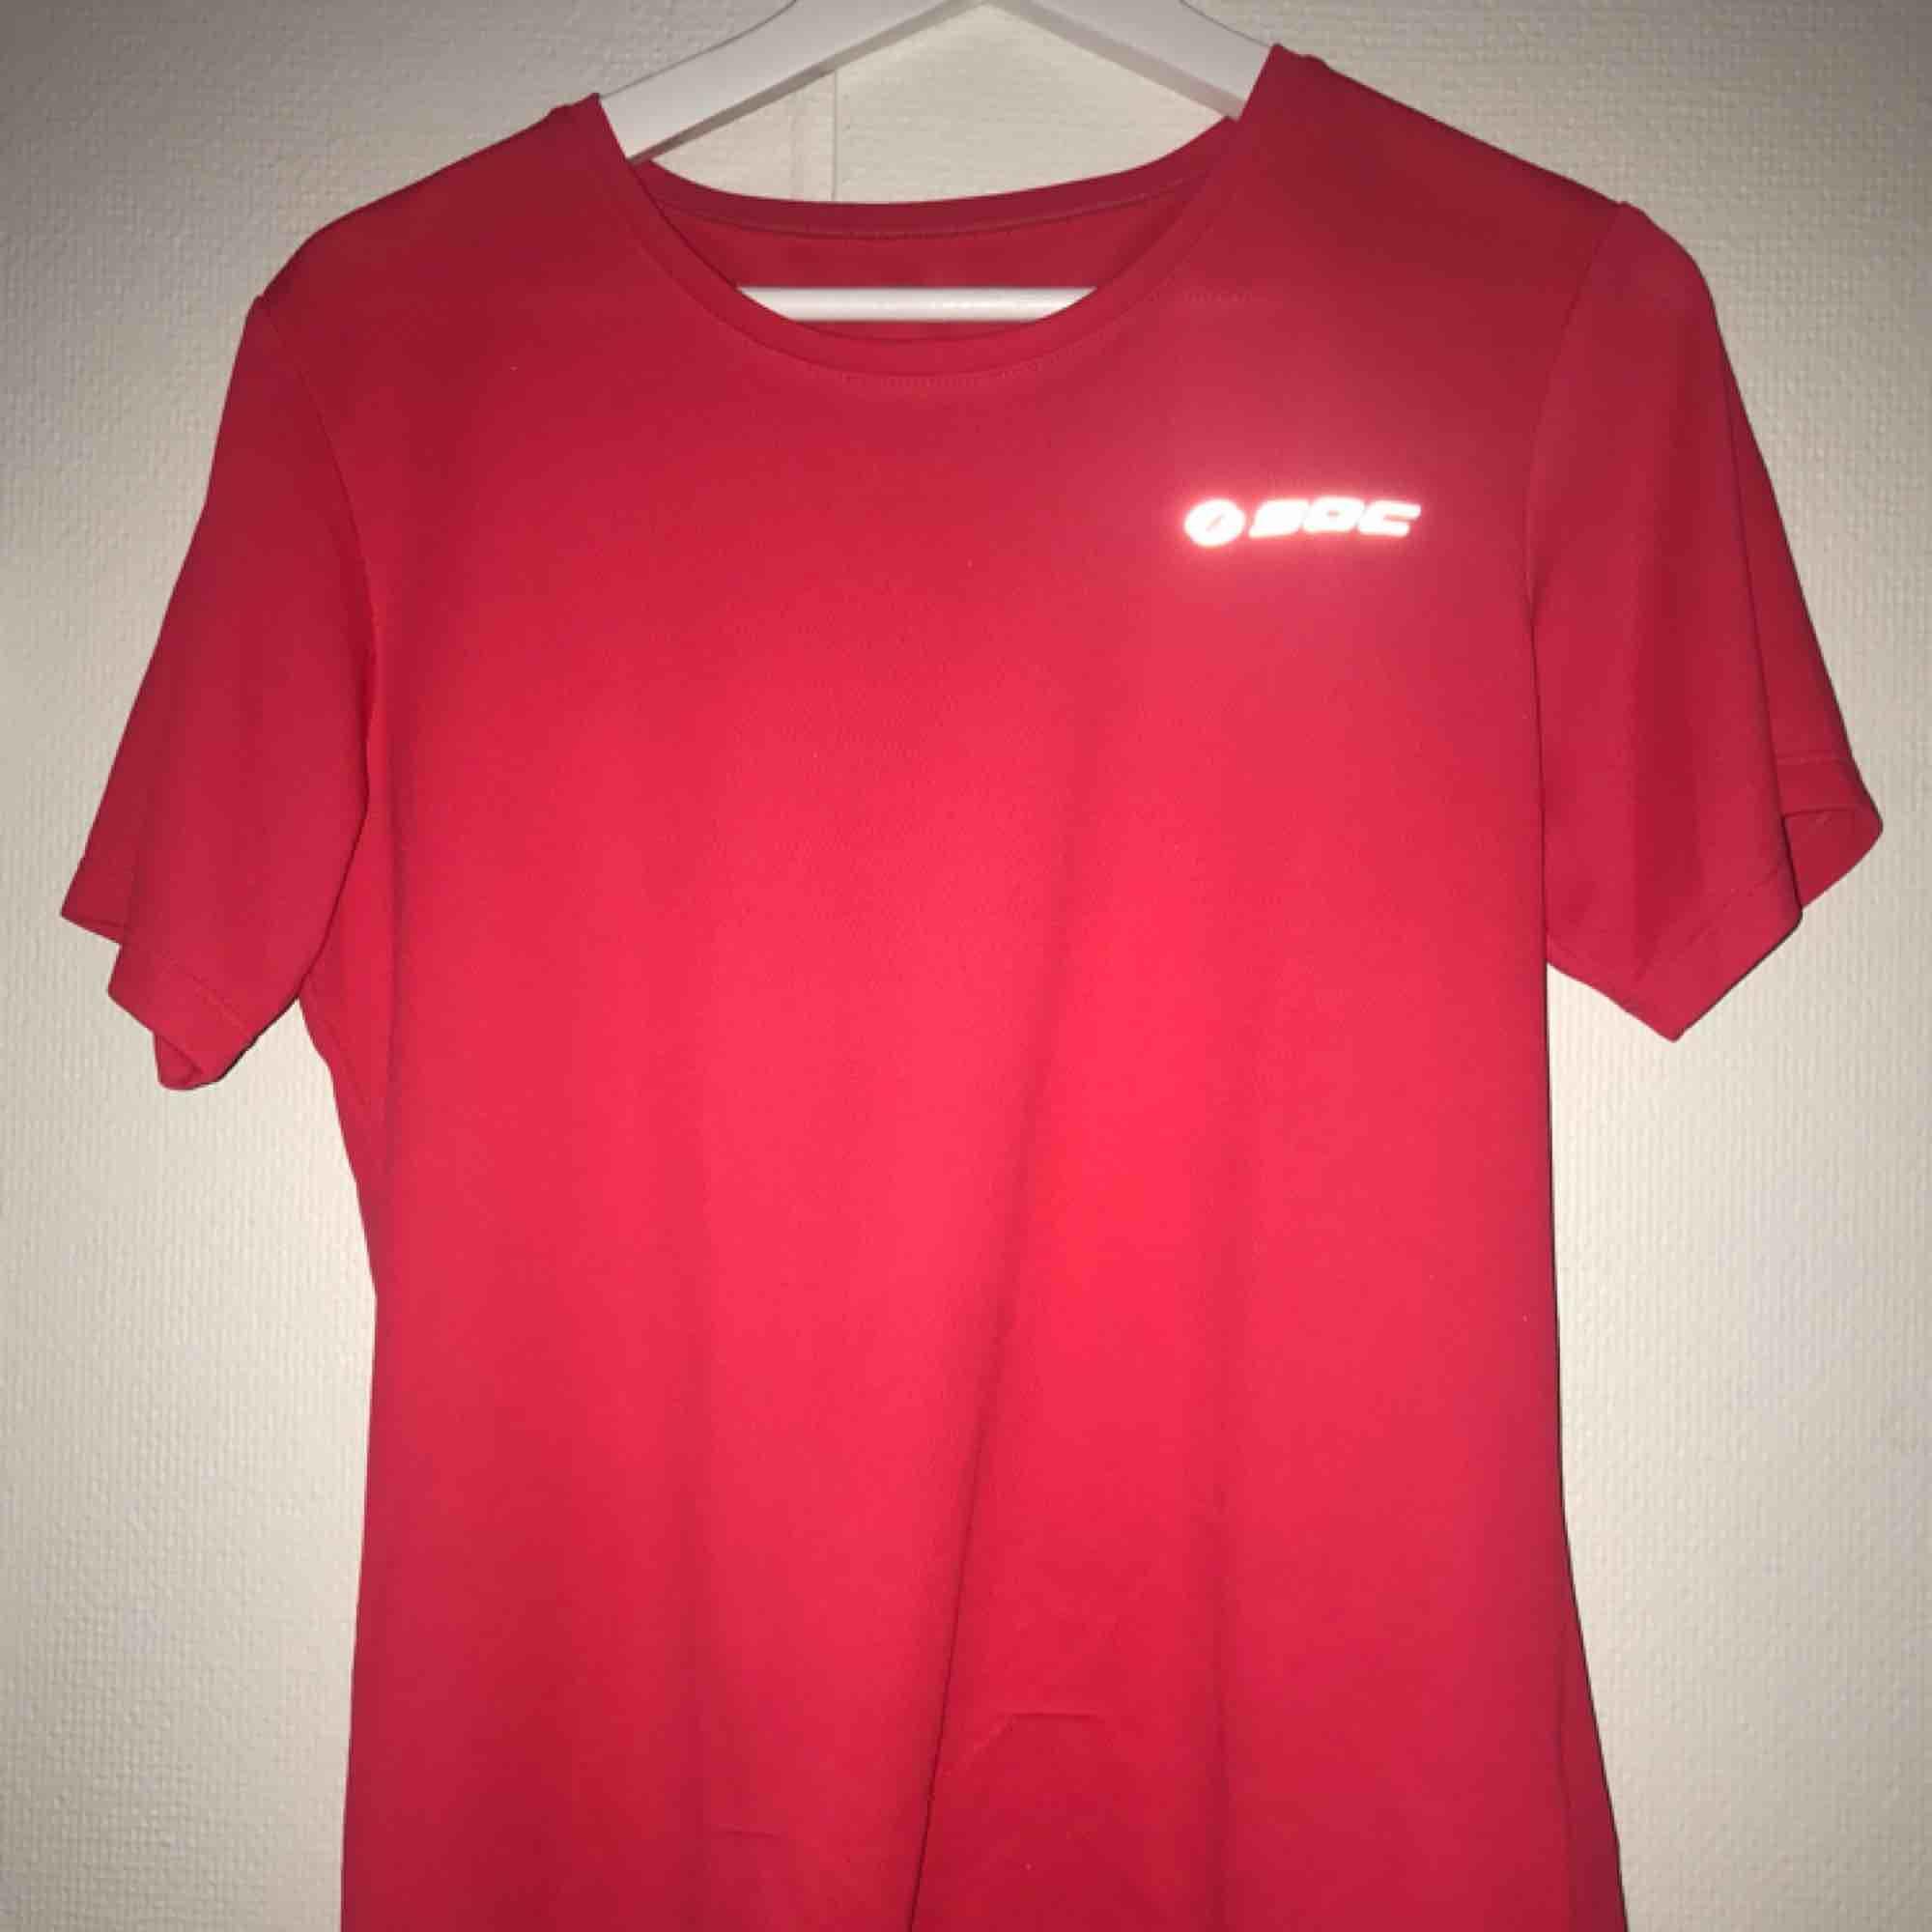 Supersnygg träningströja från Soc! Endast provad, strl 38😊. T-shirts.